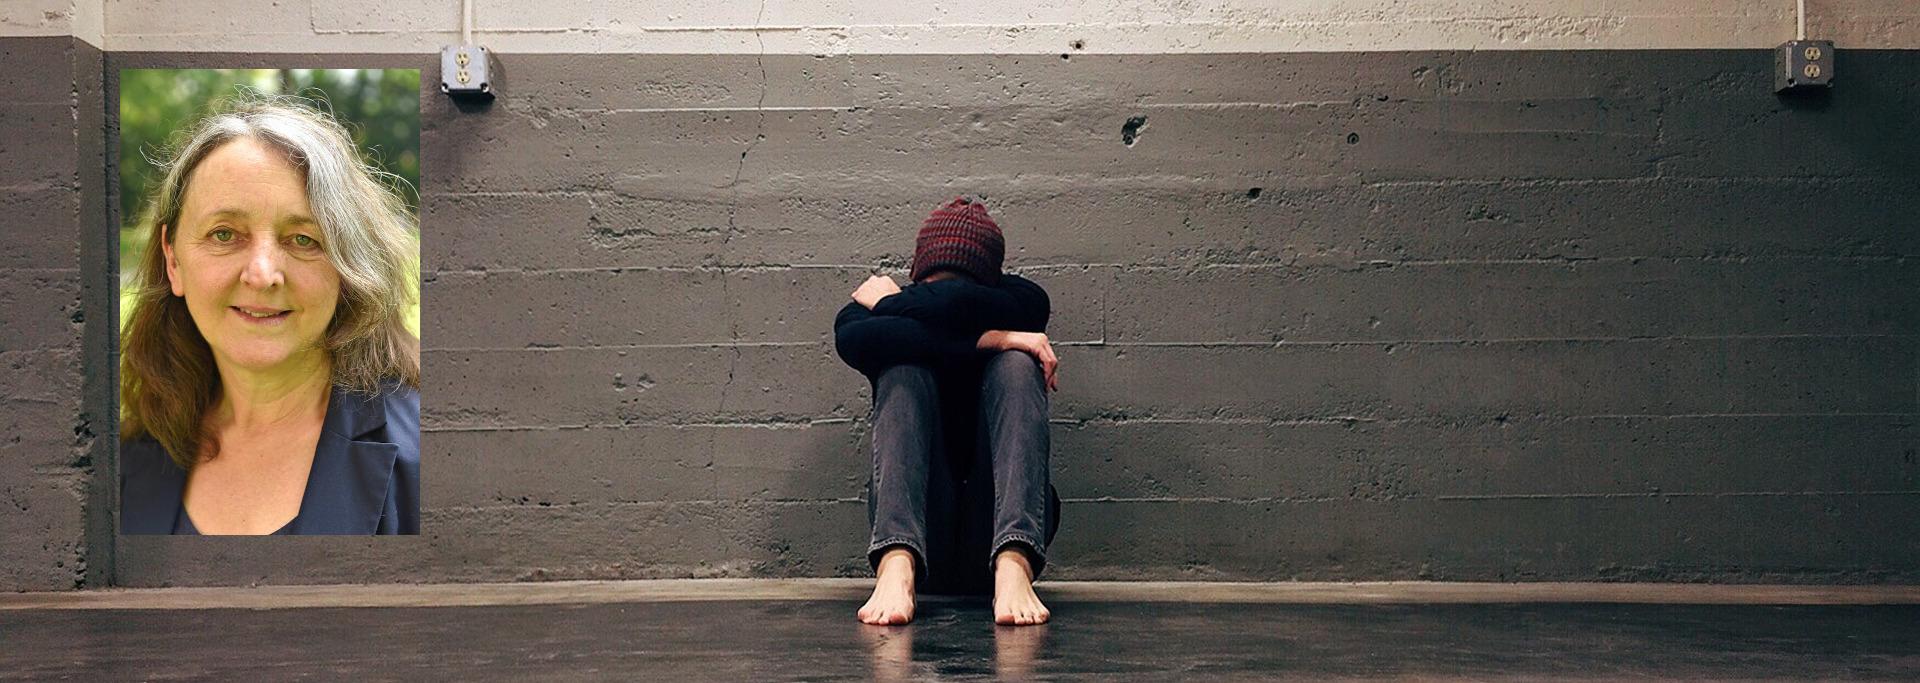 Wenn nichts mehr geht - Erschöpfung oder Depression?